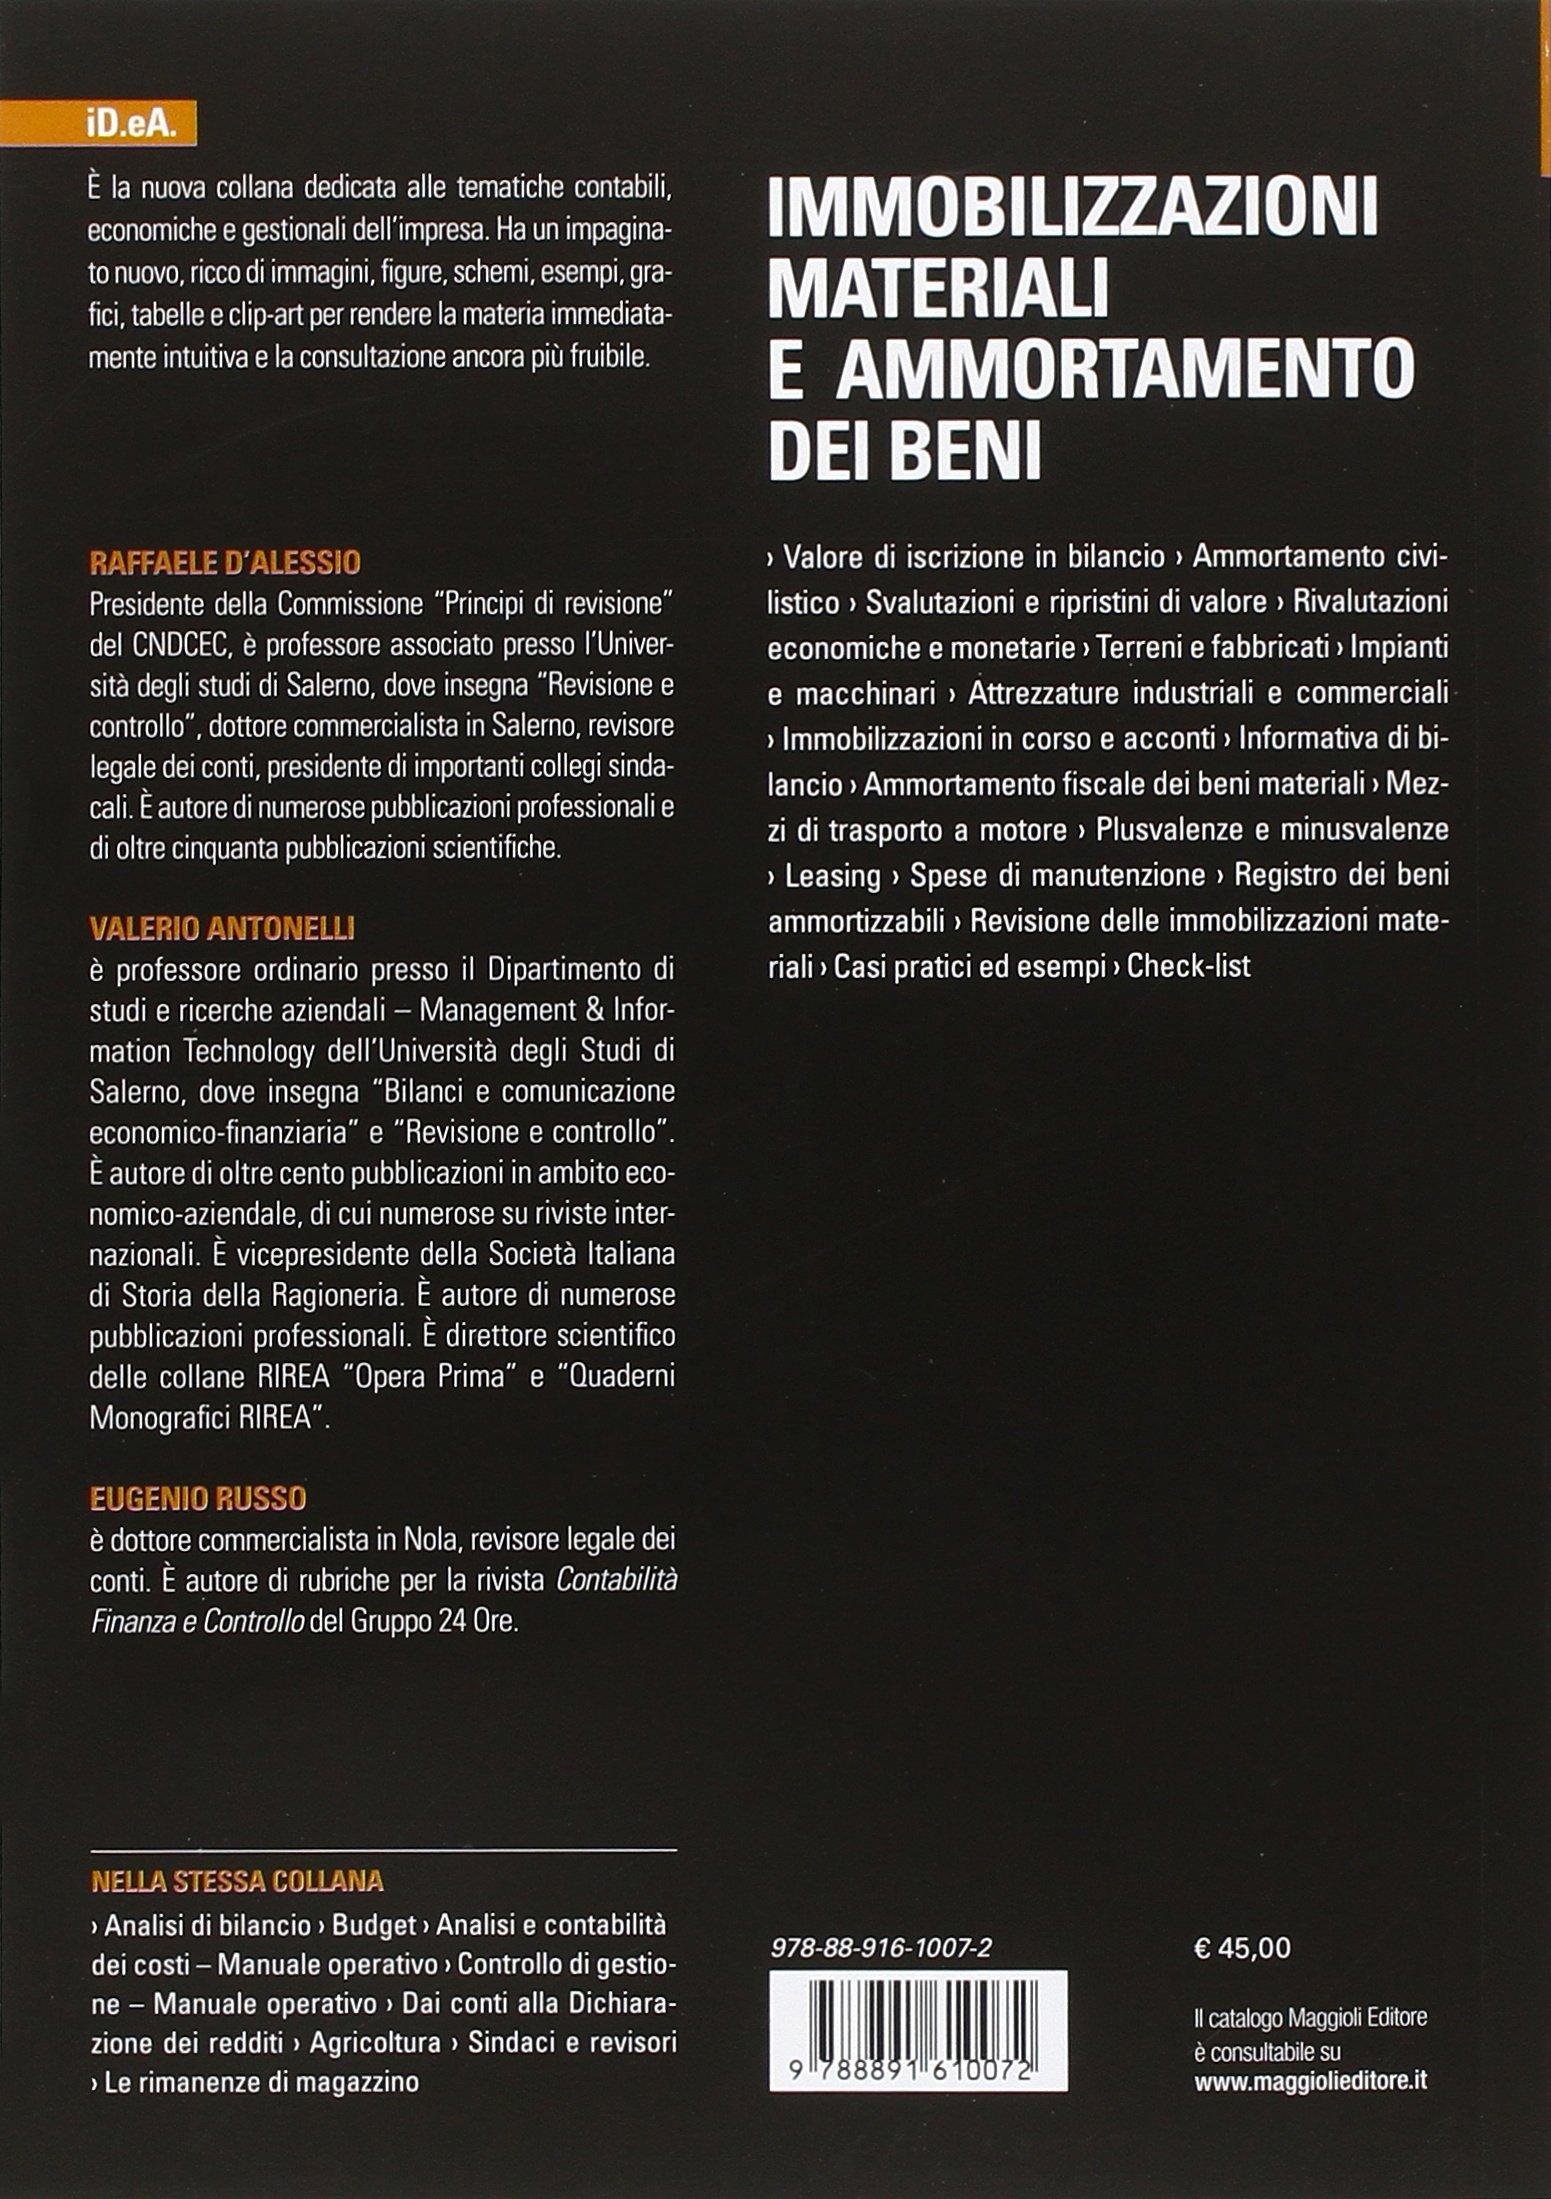 Rattan Di Russo Eugenio.Amazon It Immobilizzazioni Materiali E Ammortamento Dei Beni